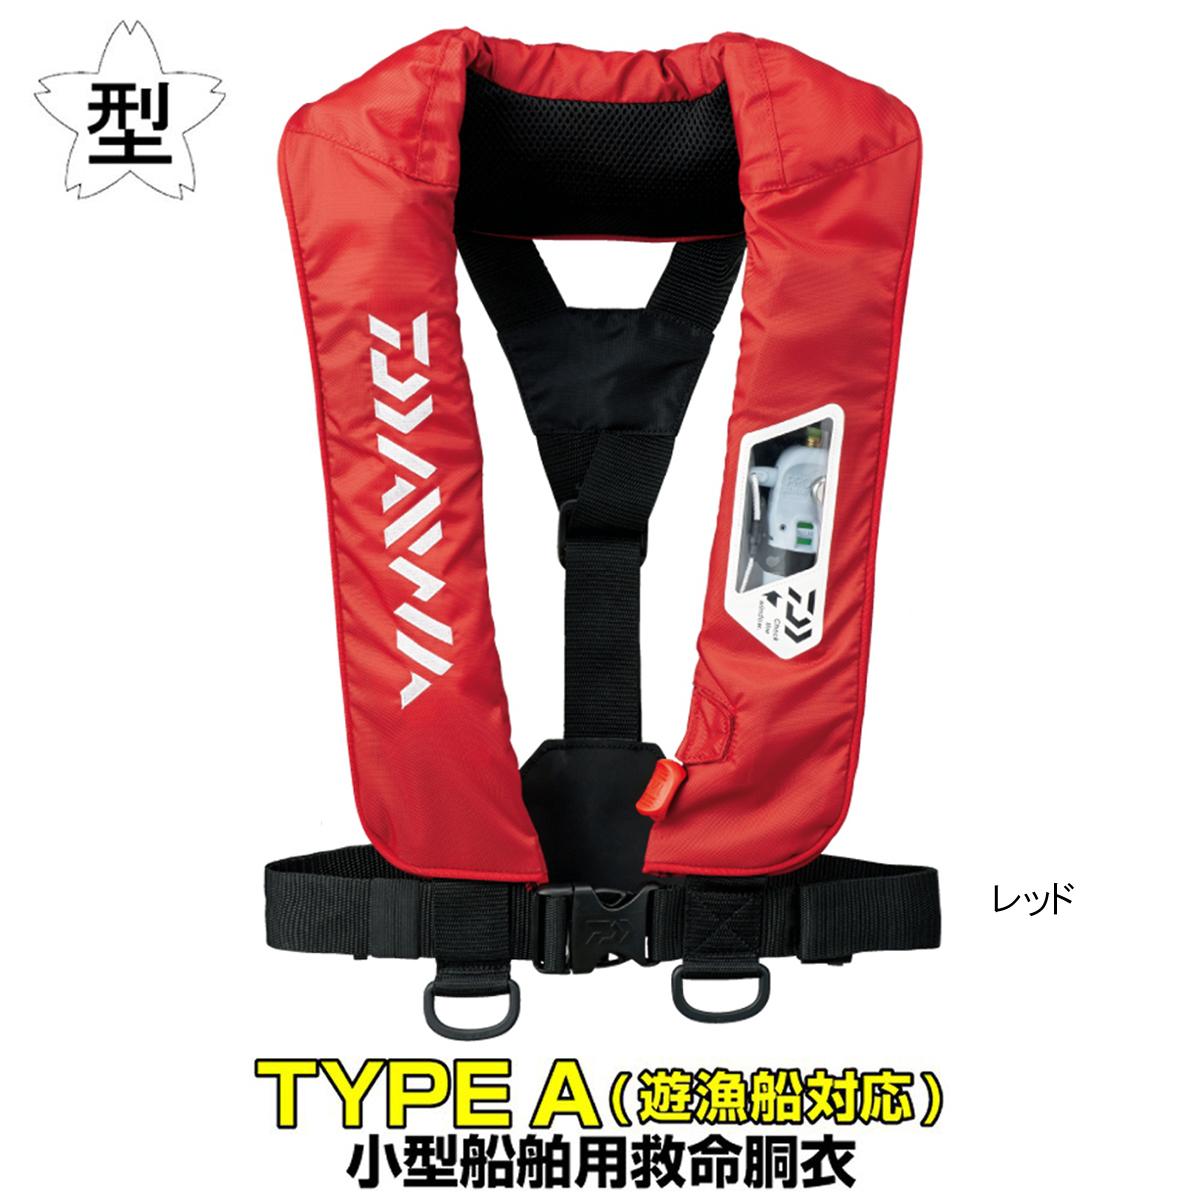 ダイワ ウォッシャブルライフジャケット(肩掛けタイプ手動・自動膨脹式) DF-2007 レッド ※遊漁船対応